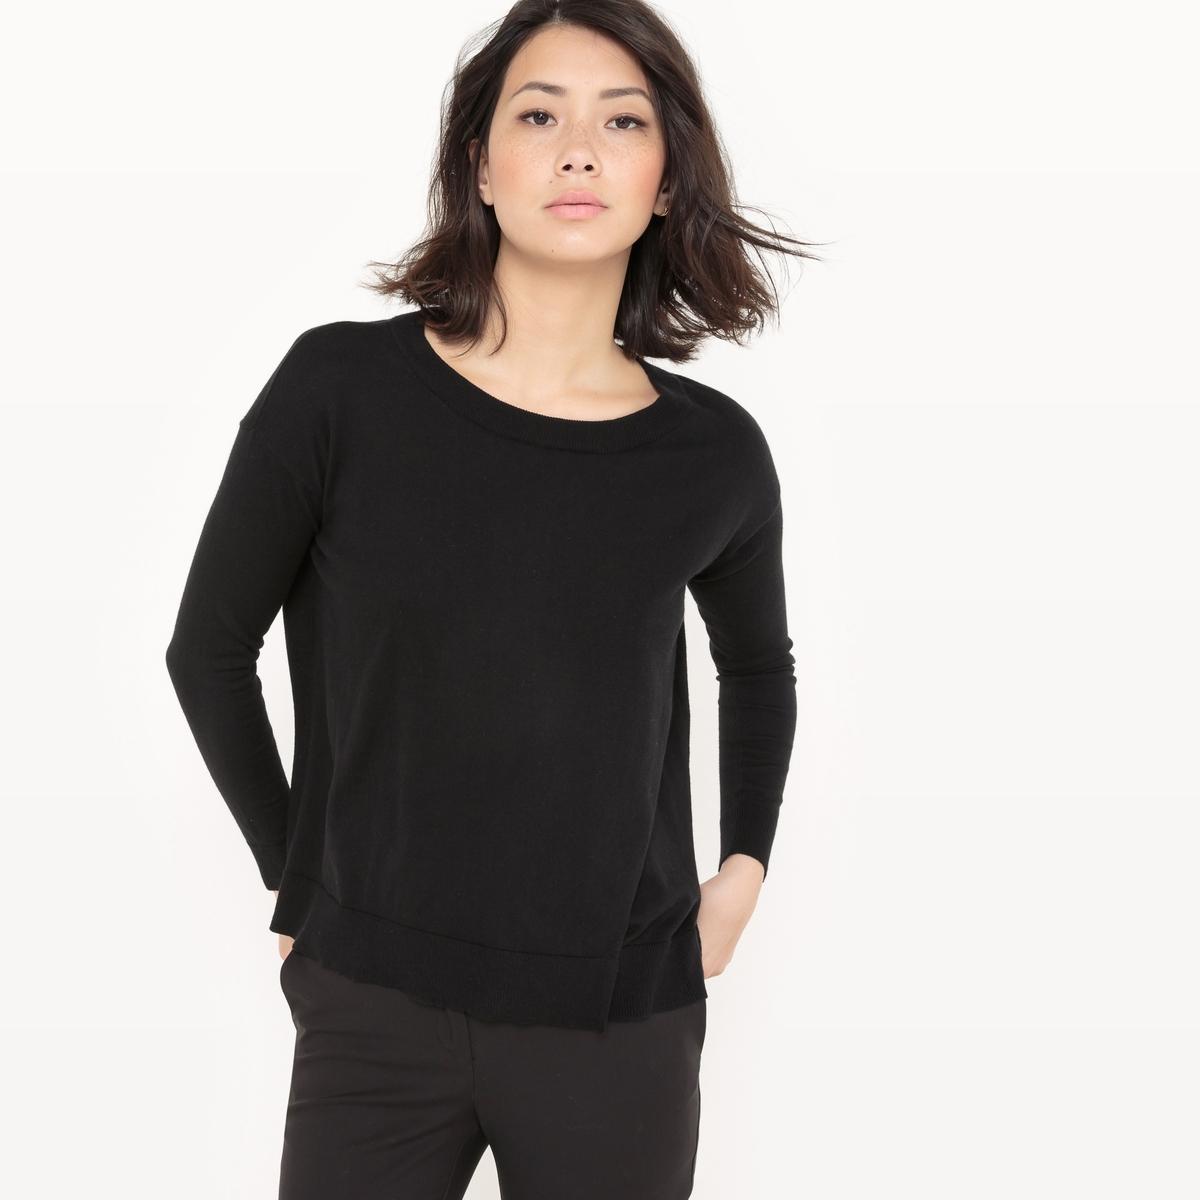 Пуловер с круглым вырезом из хлопка/шелка